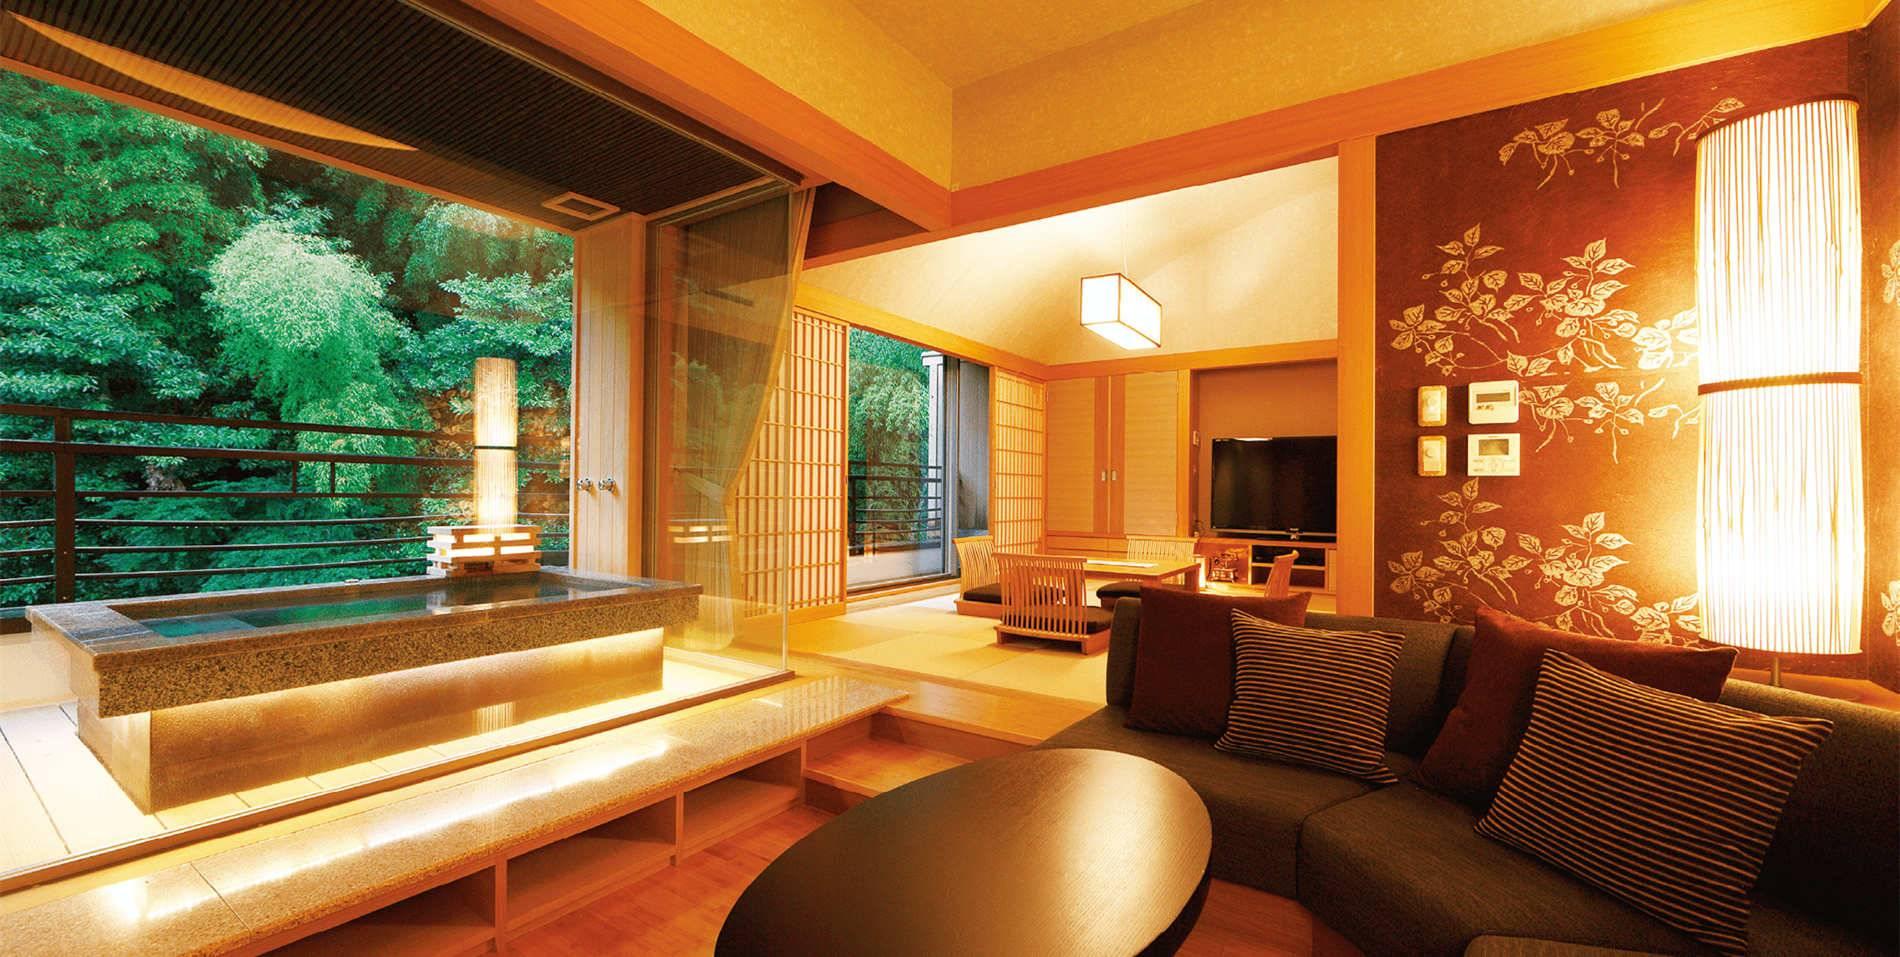 日本箱根 花纹旅馆在山间品鉴古韵魅力